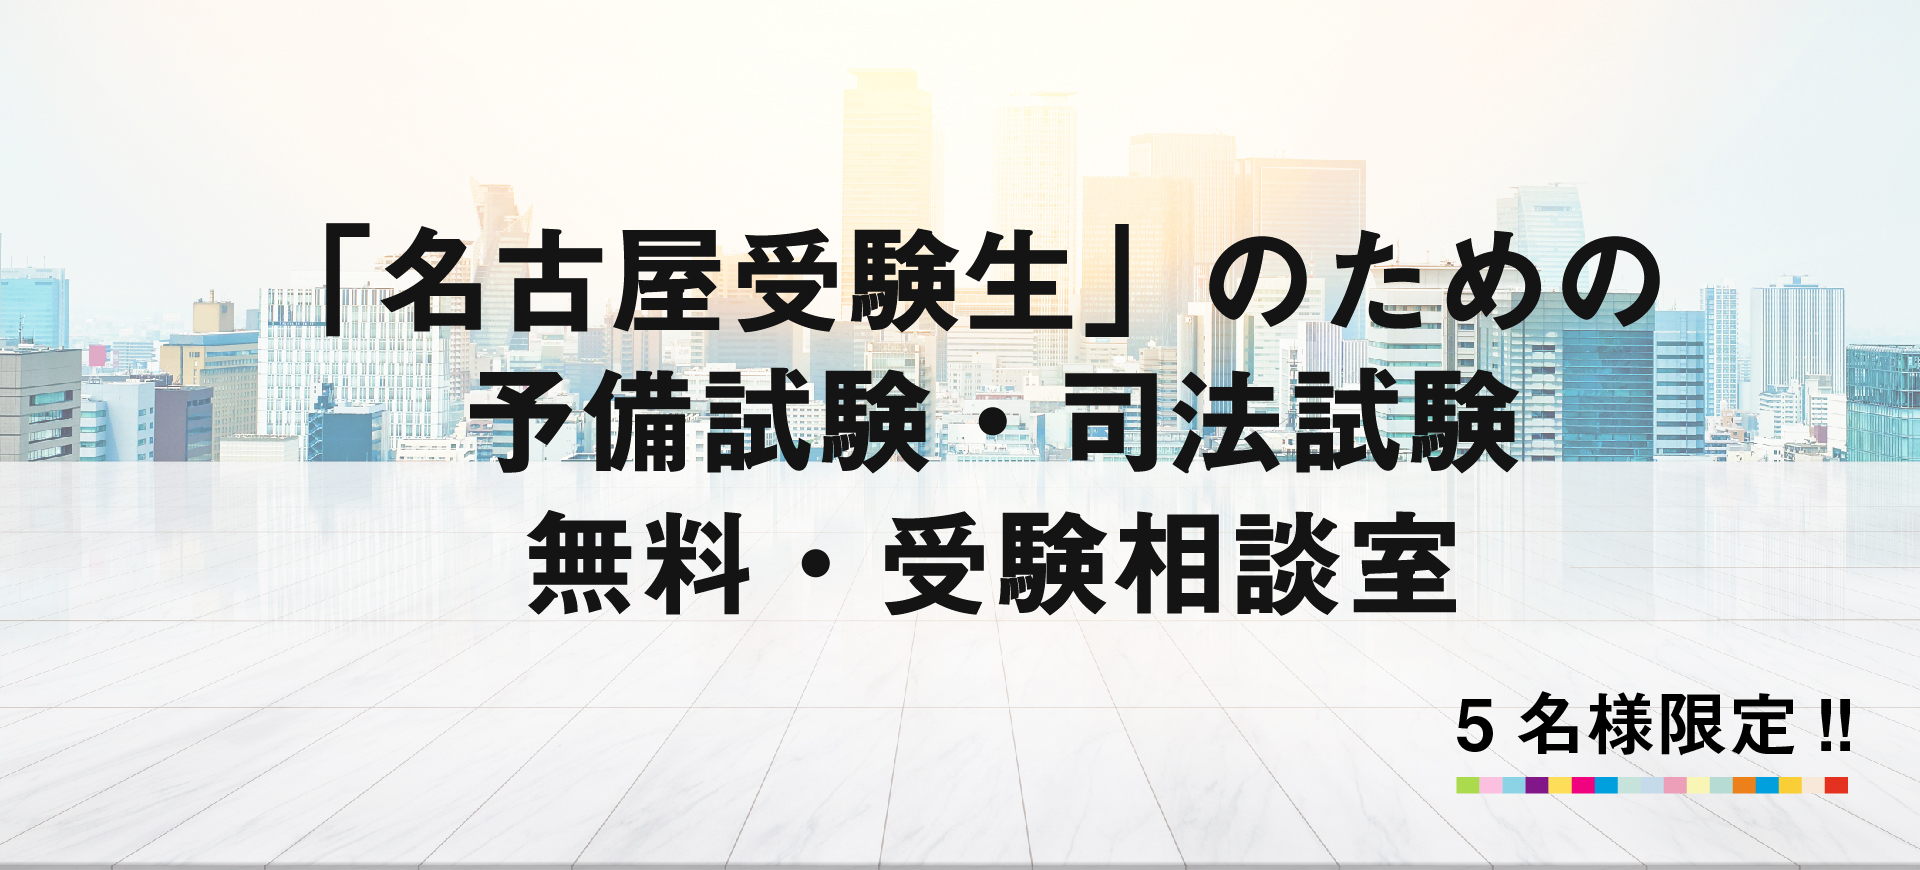 司法試験|予備試験|名古屋||無料|受験相談|スクール東京